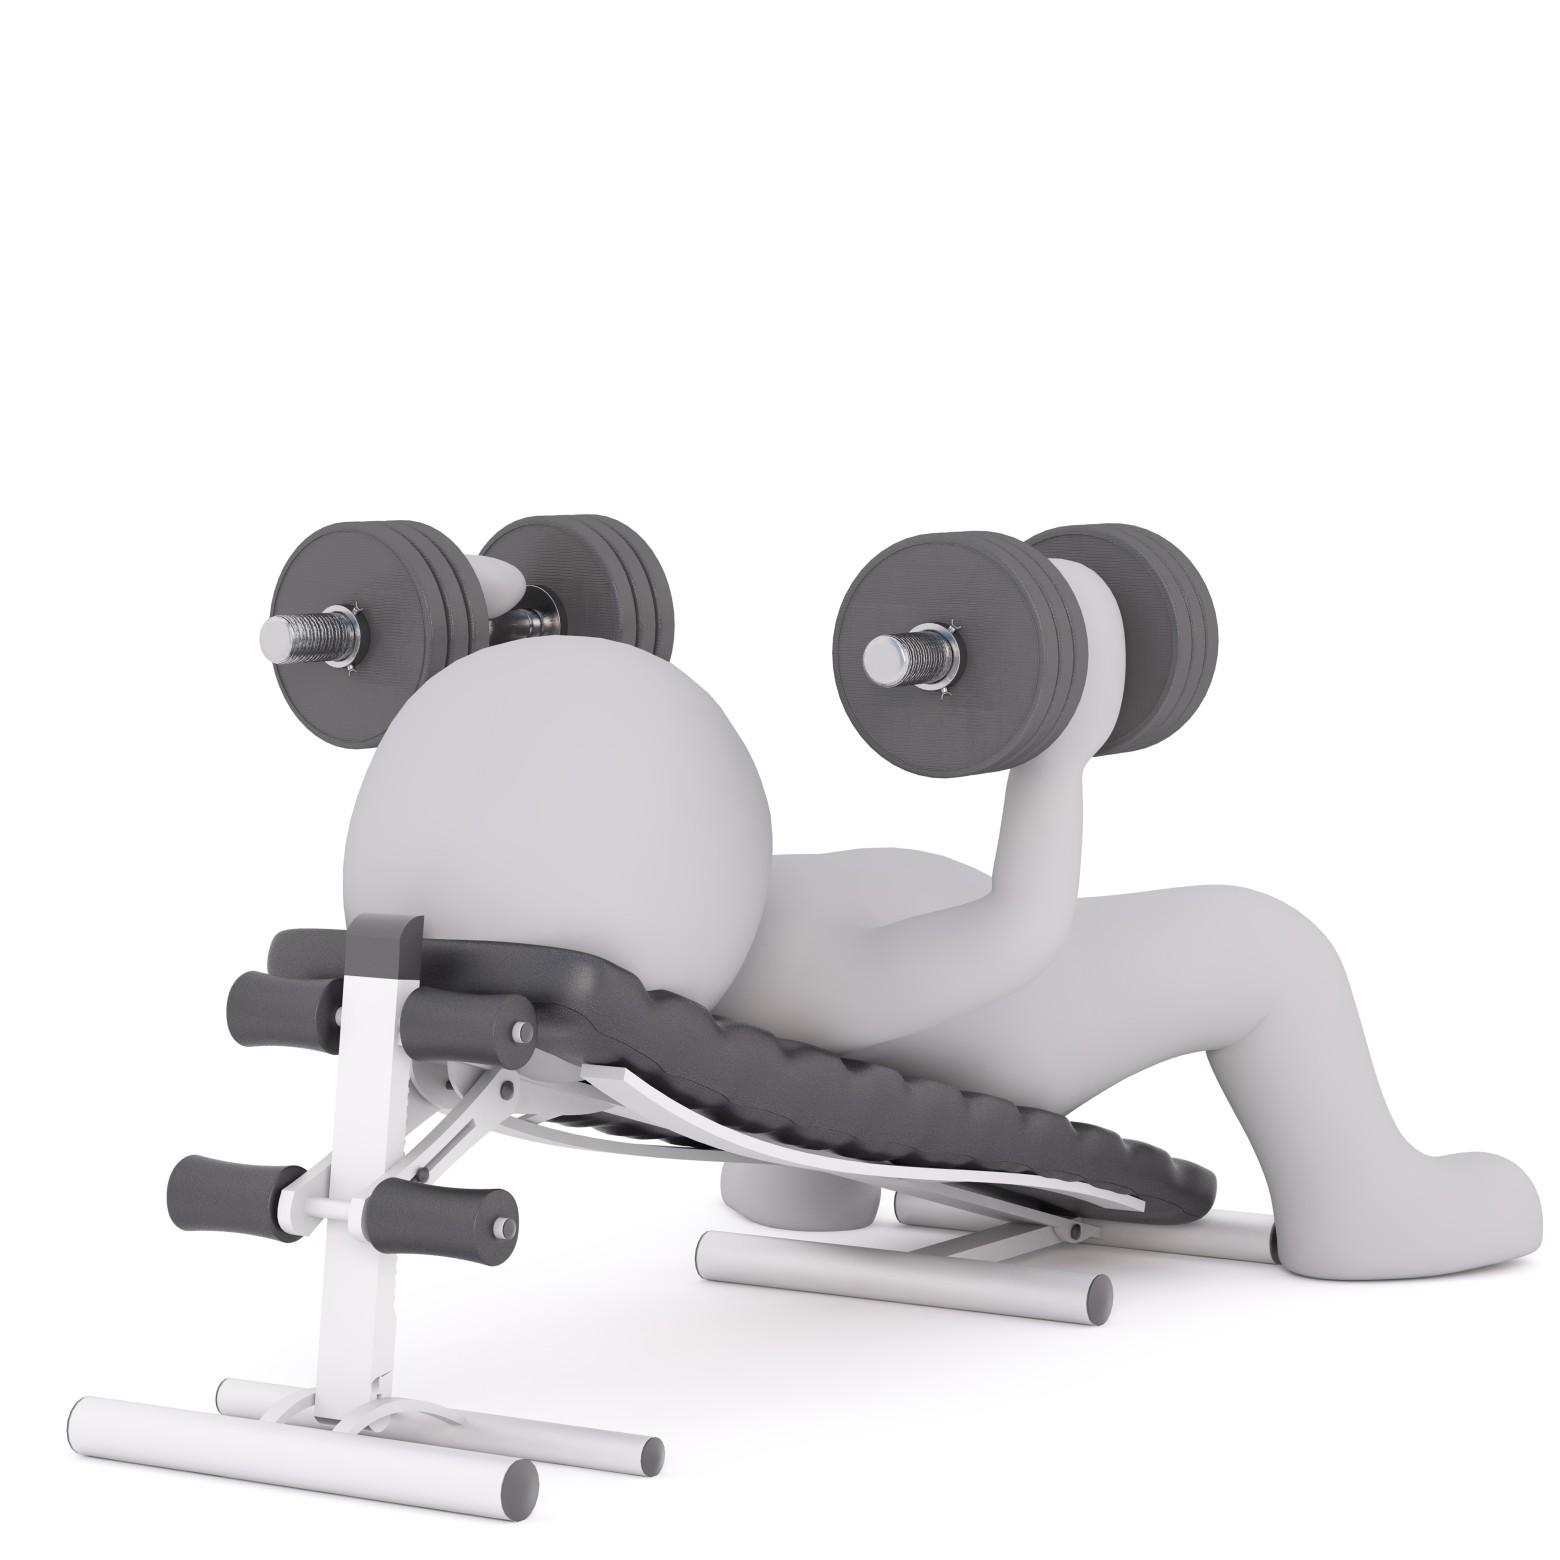 Bonhomme Blanc 3d Sport Musculation Images Gratuites